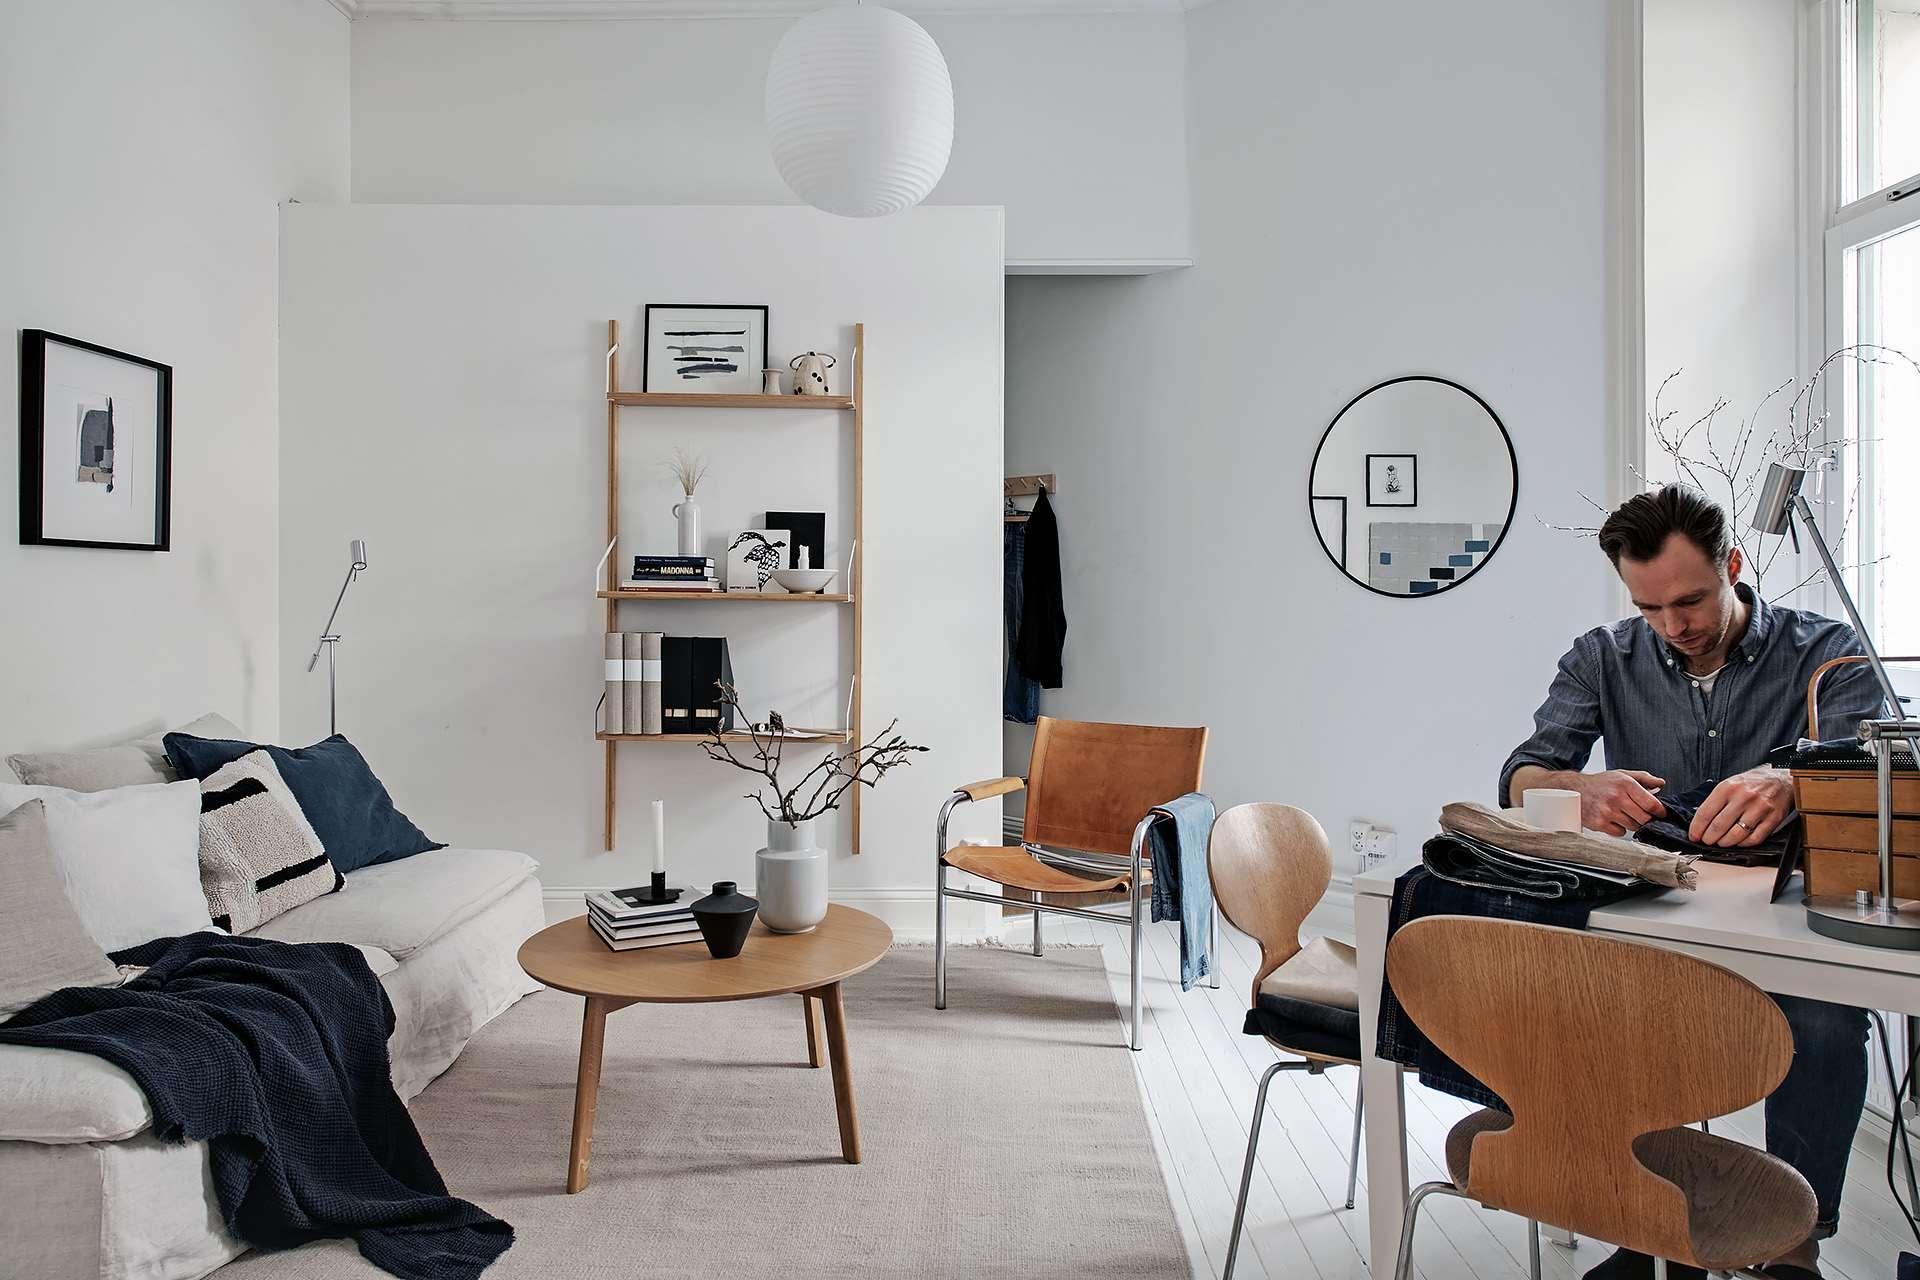 Perete de rigips între dormitor și living într-o garsonieră de 35 m² 3